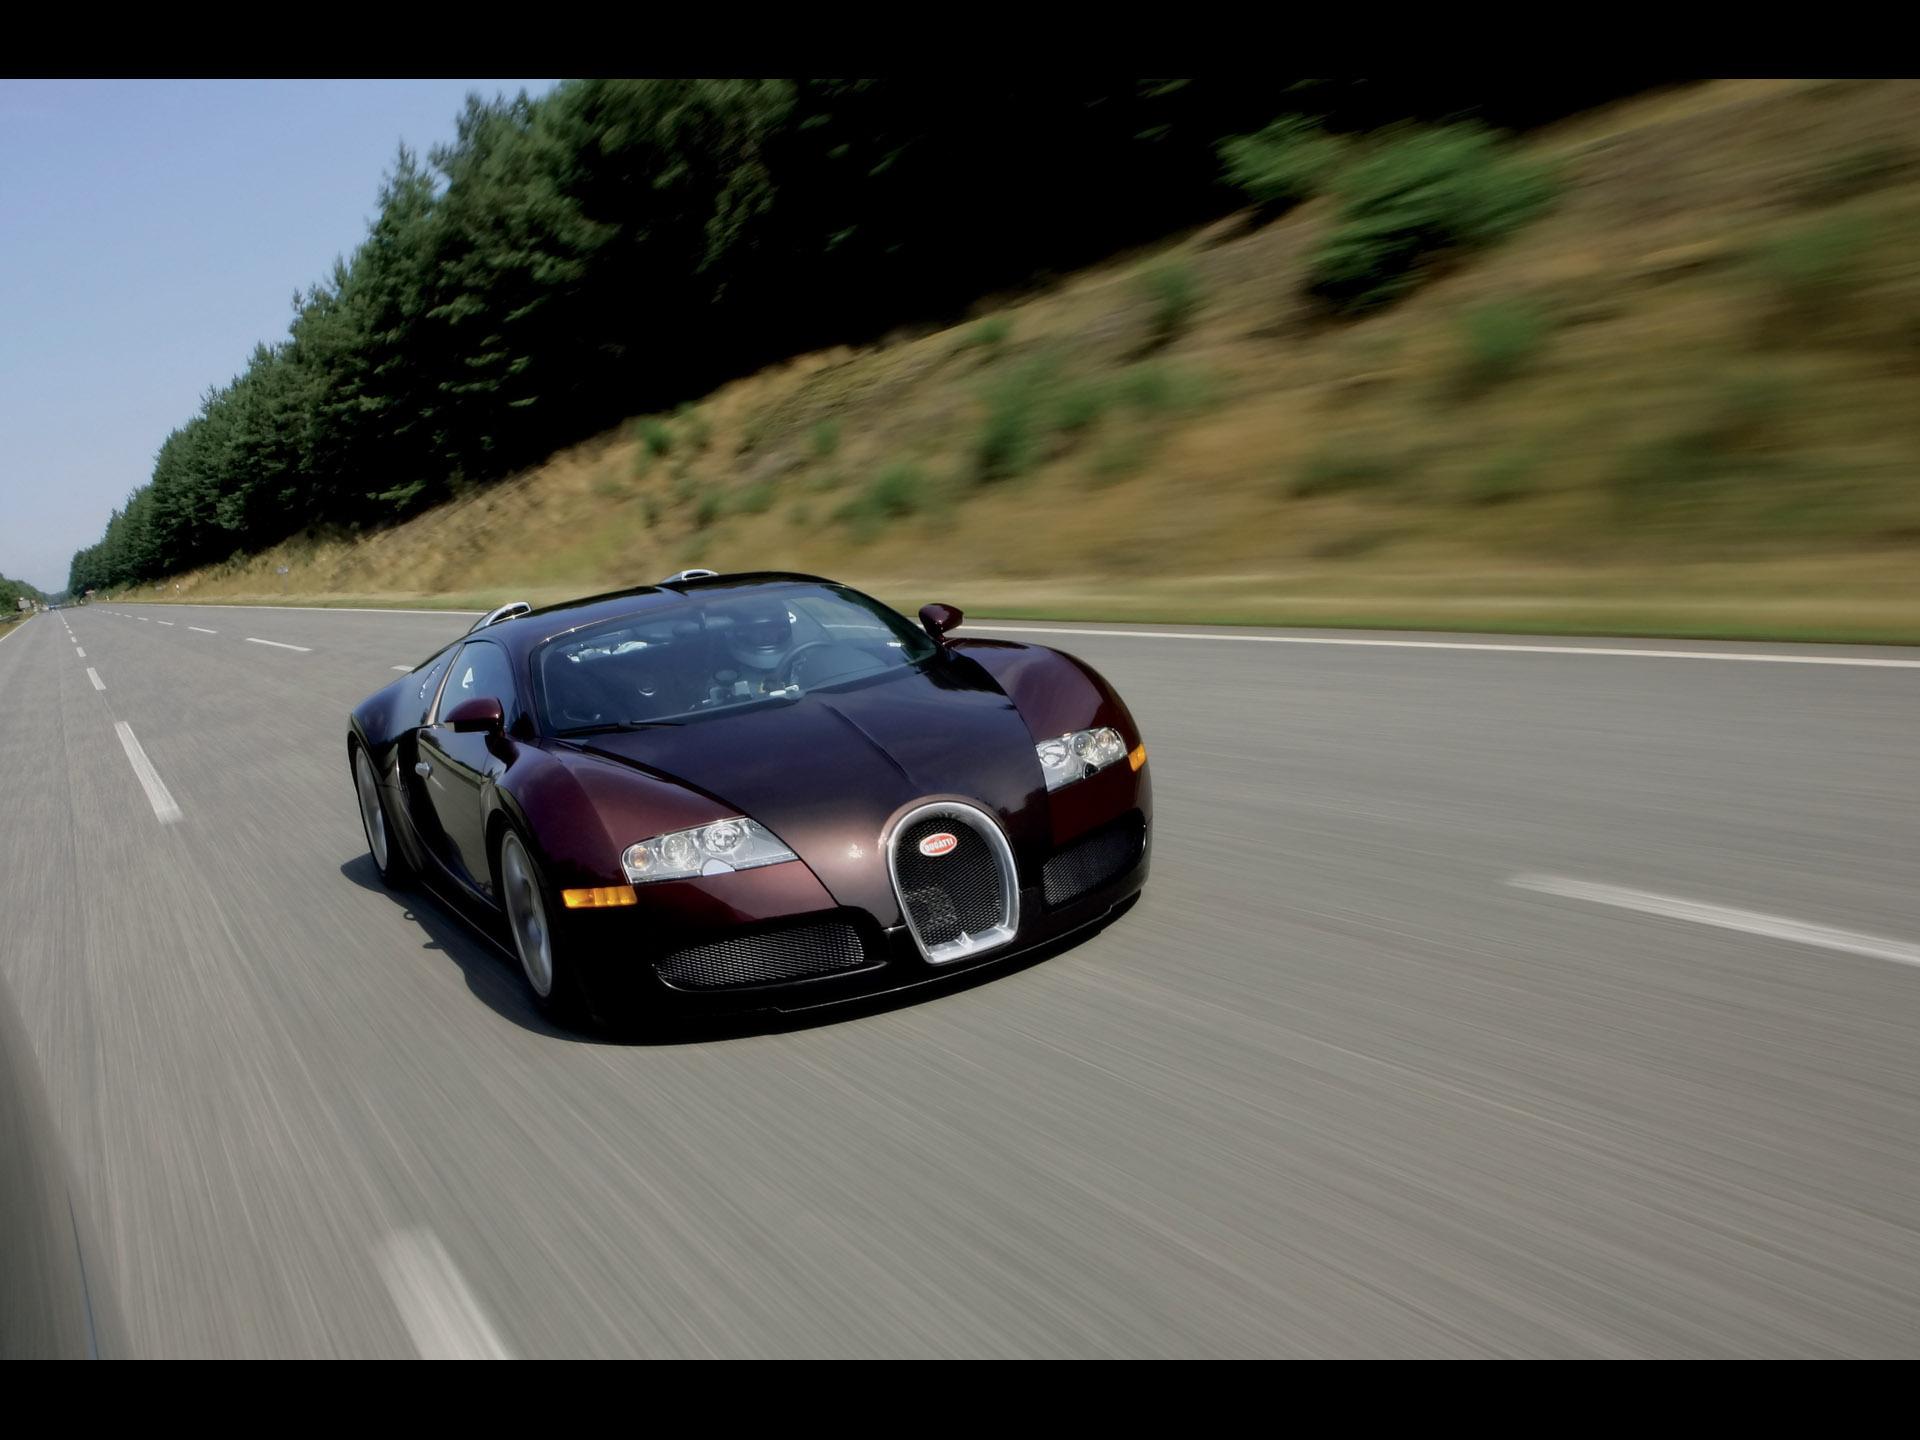 1920x1440 2006 bugatti veyron - photo #2